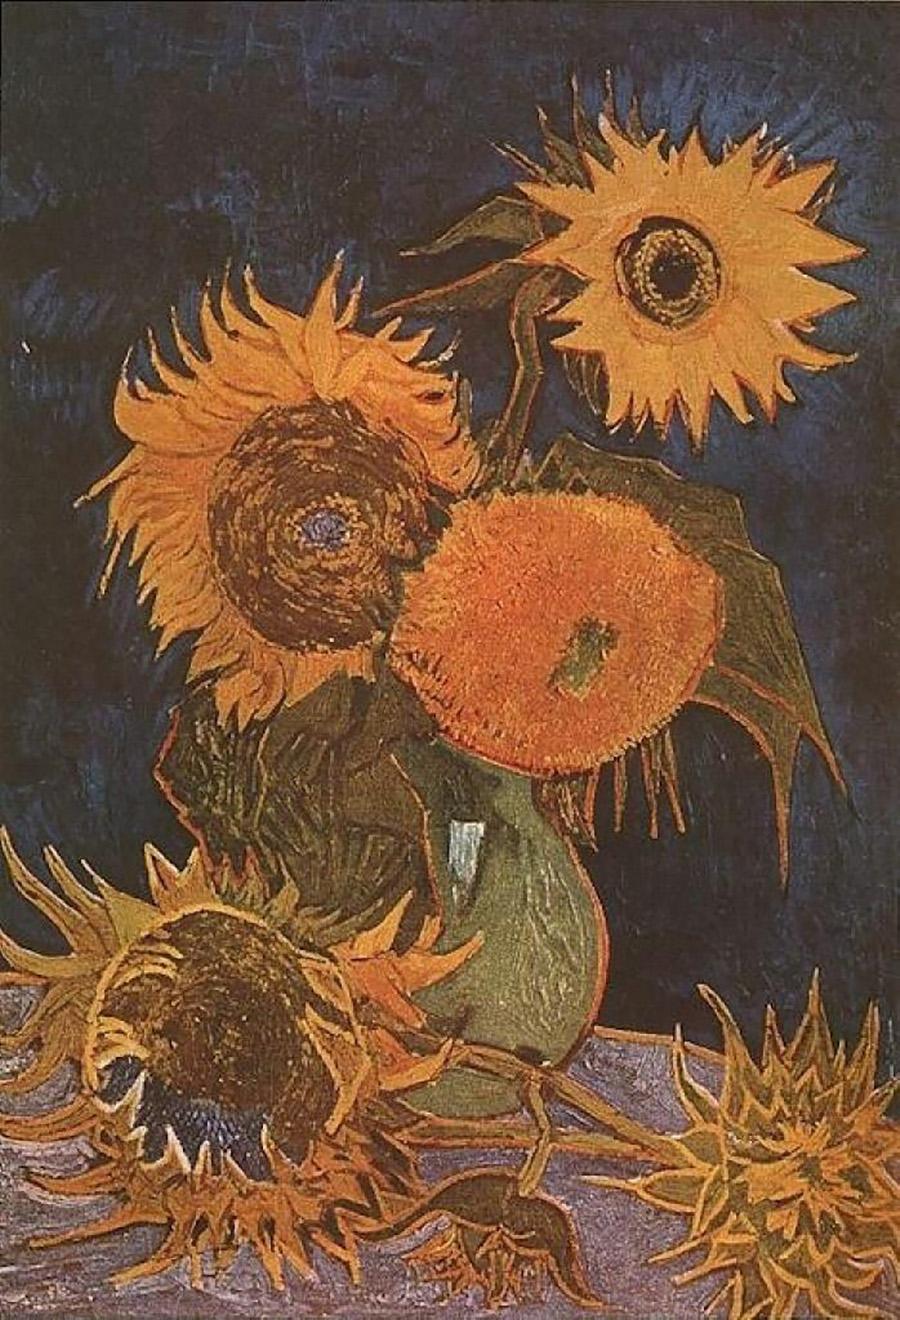 梵高的 向日葵 把柯南都搞懵了